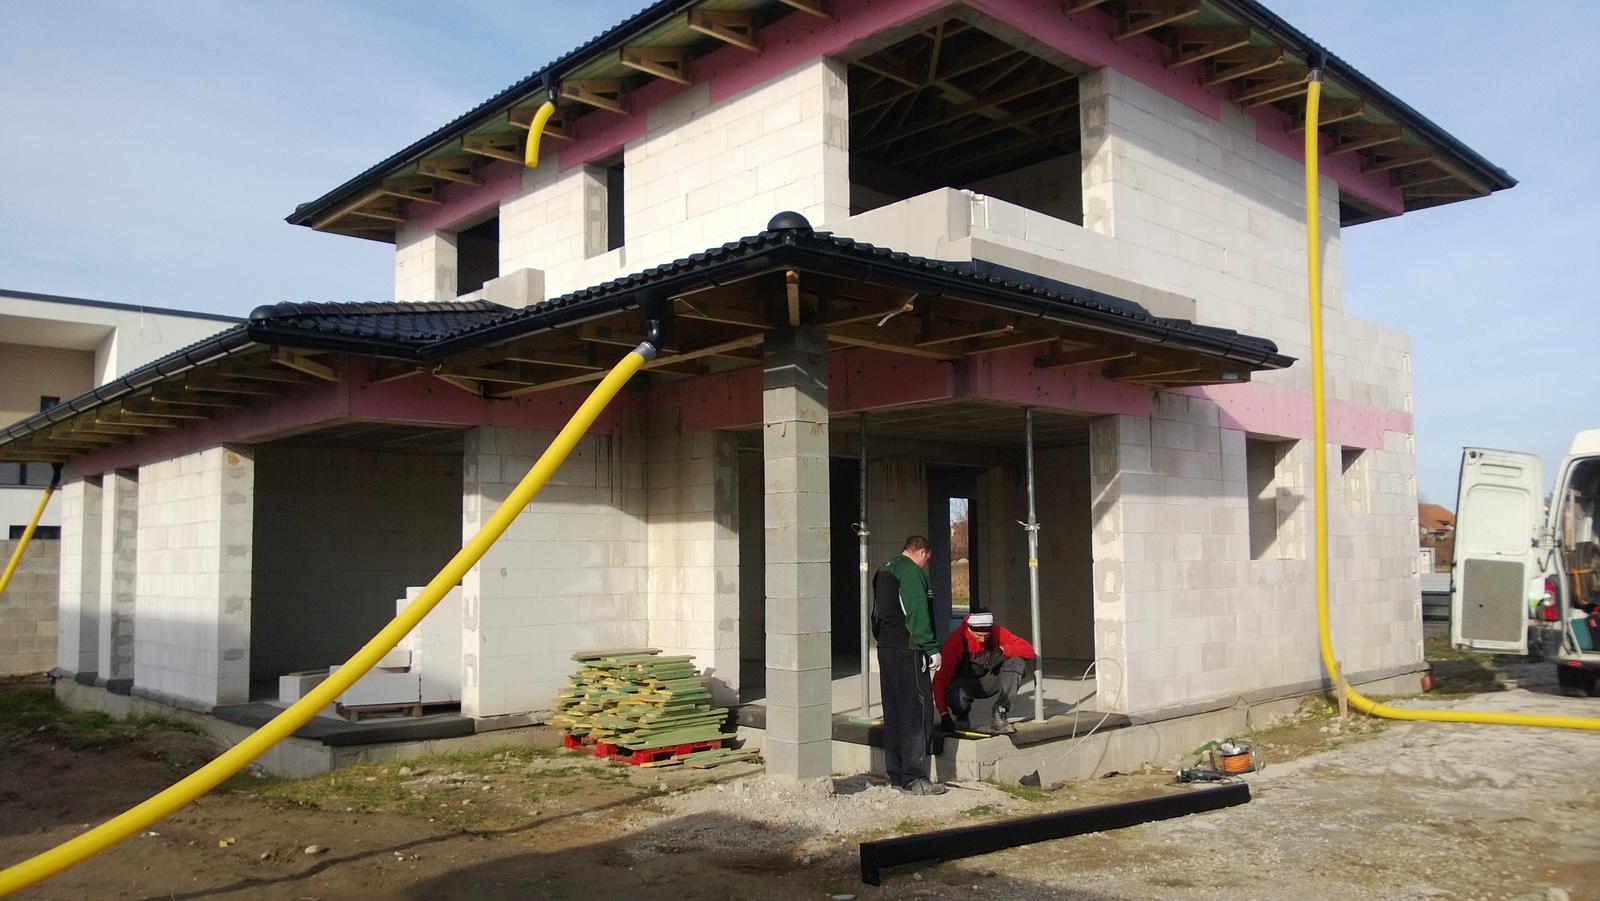 Realizácia rodinného domu pavari - Osadenie oceľového stĺpa do rohového okna